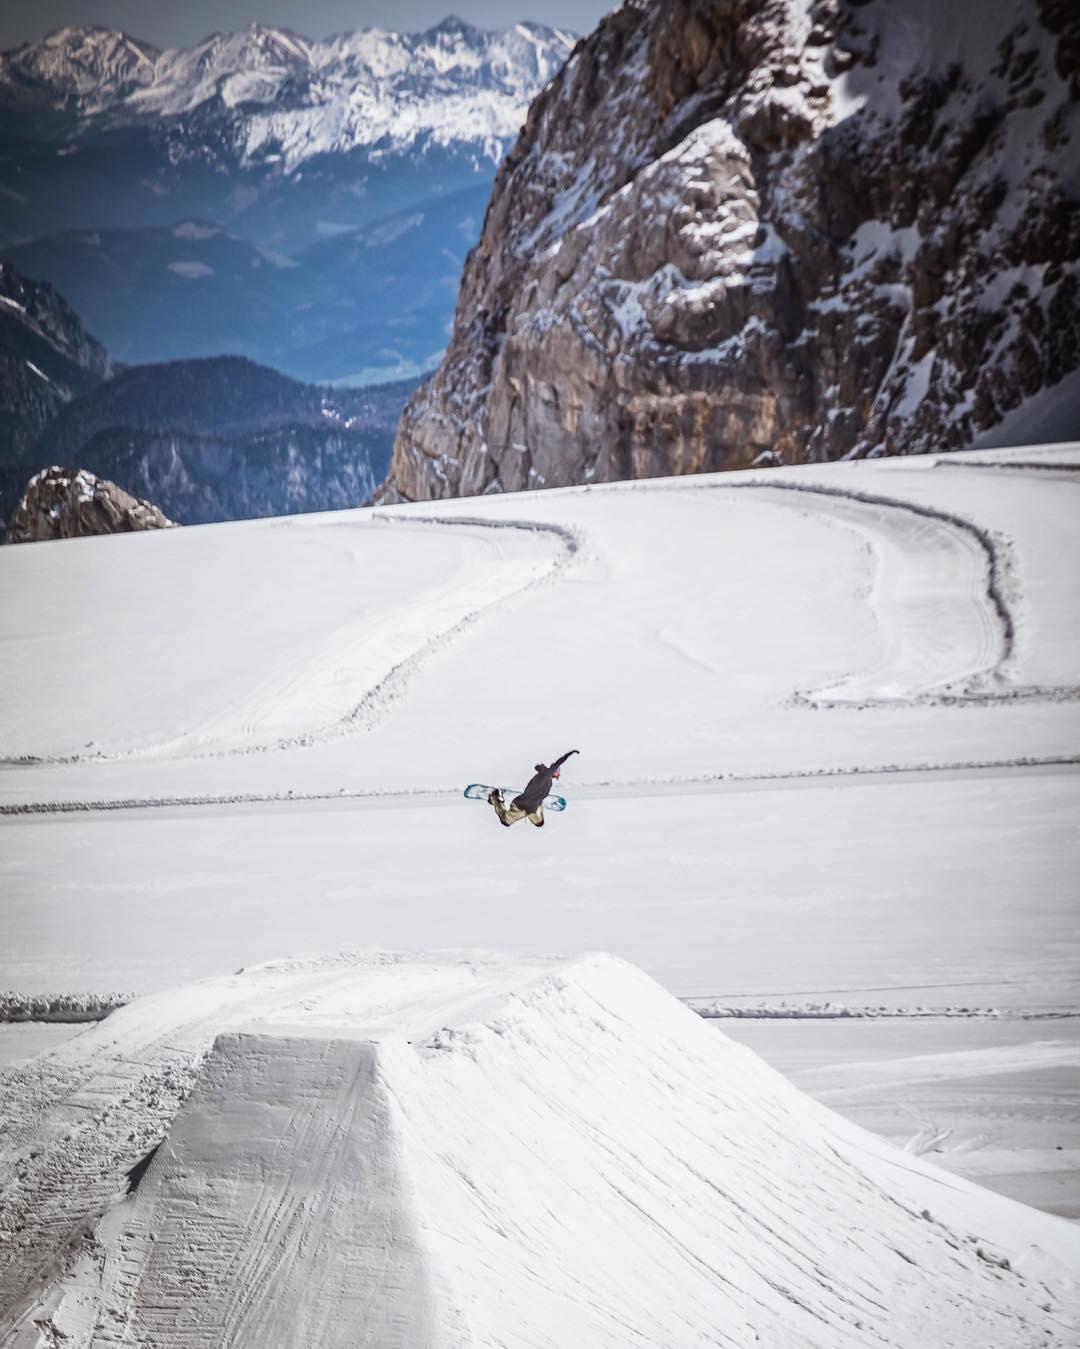 Daniel Limmer @limmerdan #thriveaustria #method #snowboarding #hipjump #photo @wolf_wieser_fotoworkx #thrivesnowboards #relentless